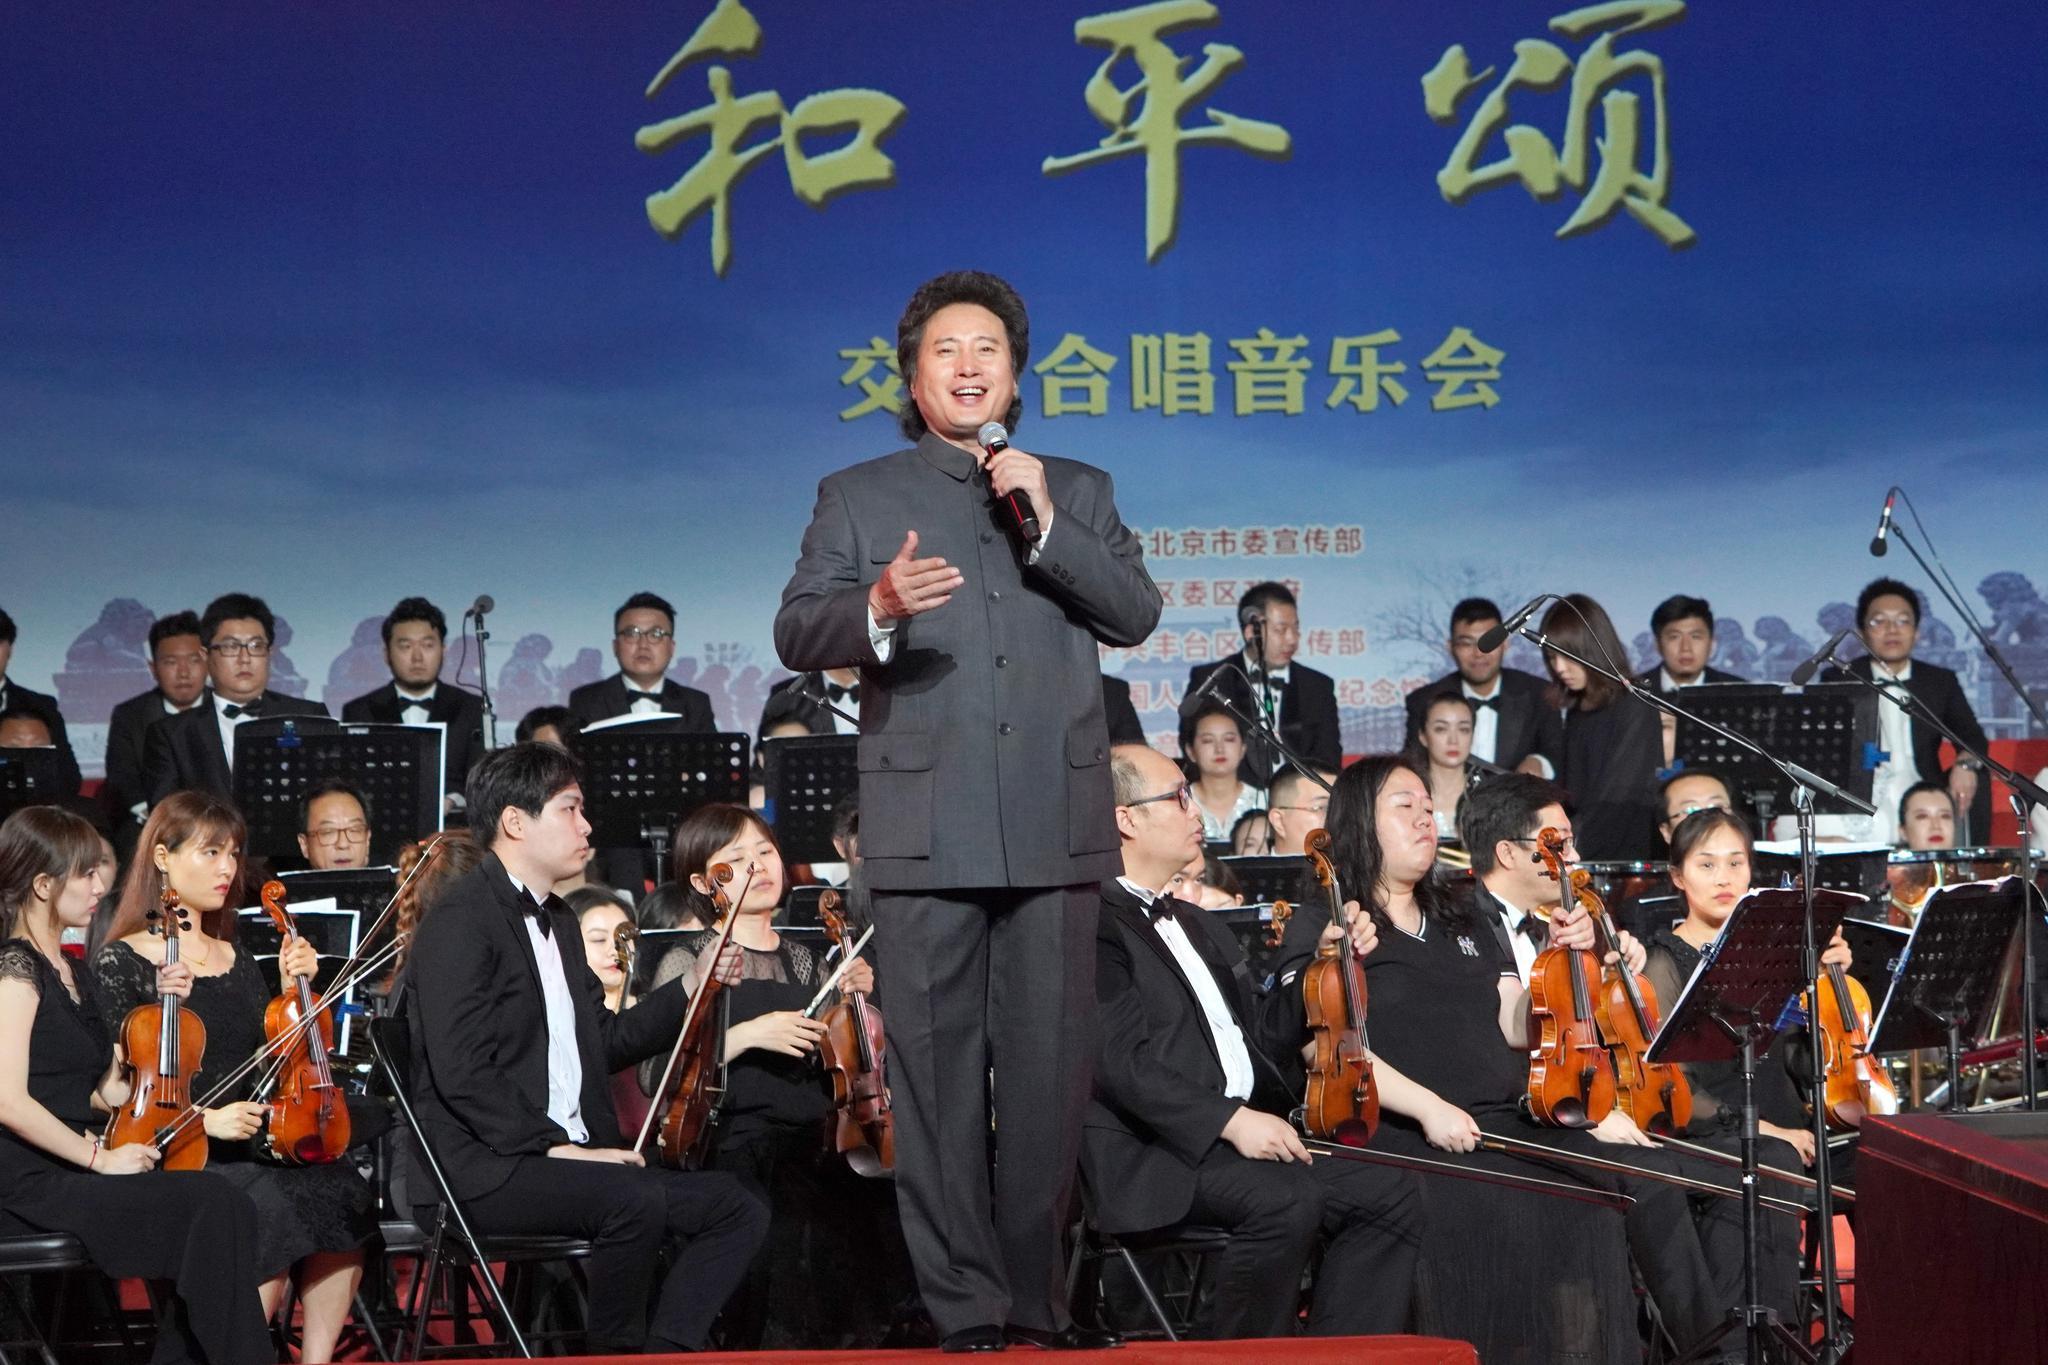 「杏悦」涛领杏悦衔首都群众唱响抗战经典歌图片